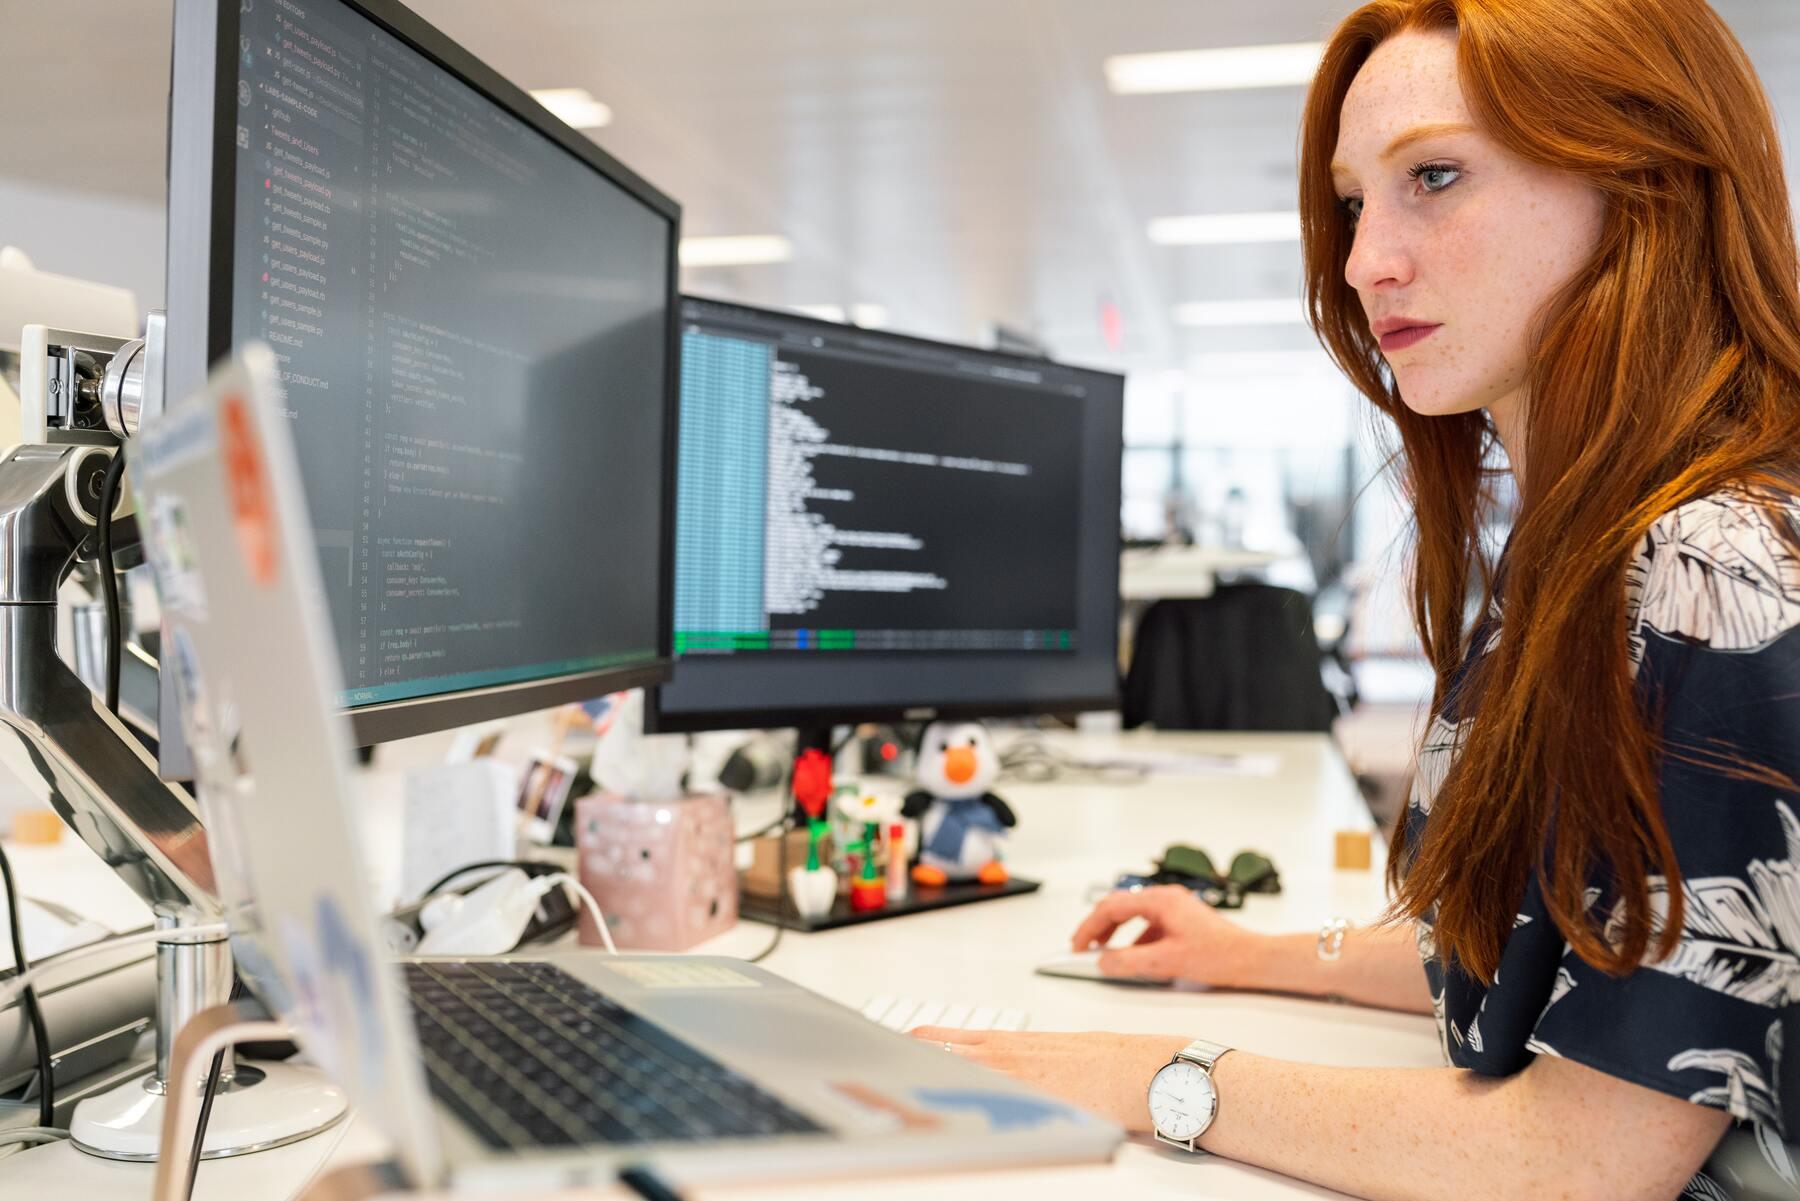 Comment apprendre à coder lorsqu'on part de zéro ?